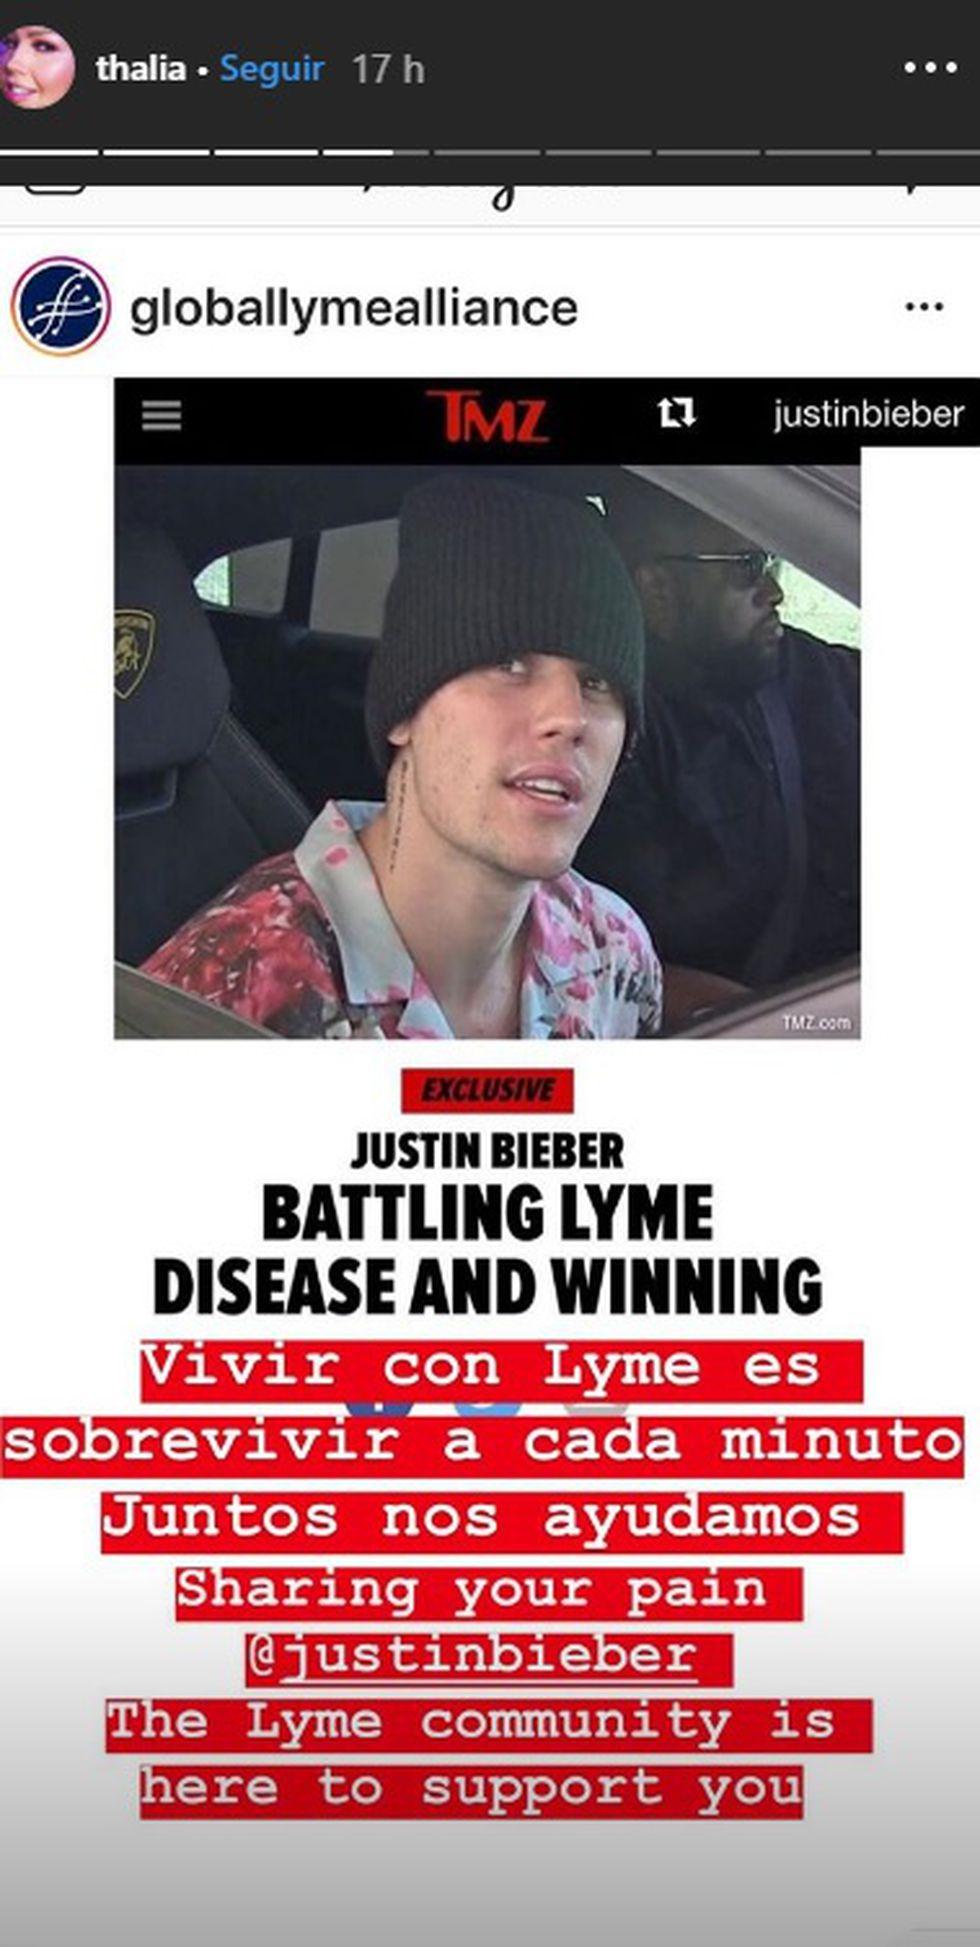 Thalía se solidariza con Justin Bieber al pader la misma enfermedad. (Foto: Historias de Instagram @Thalía)